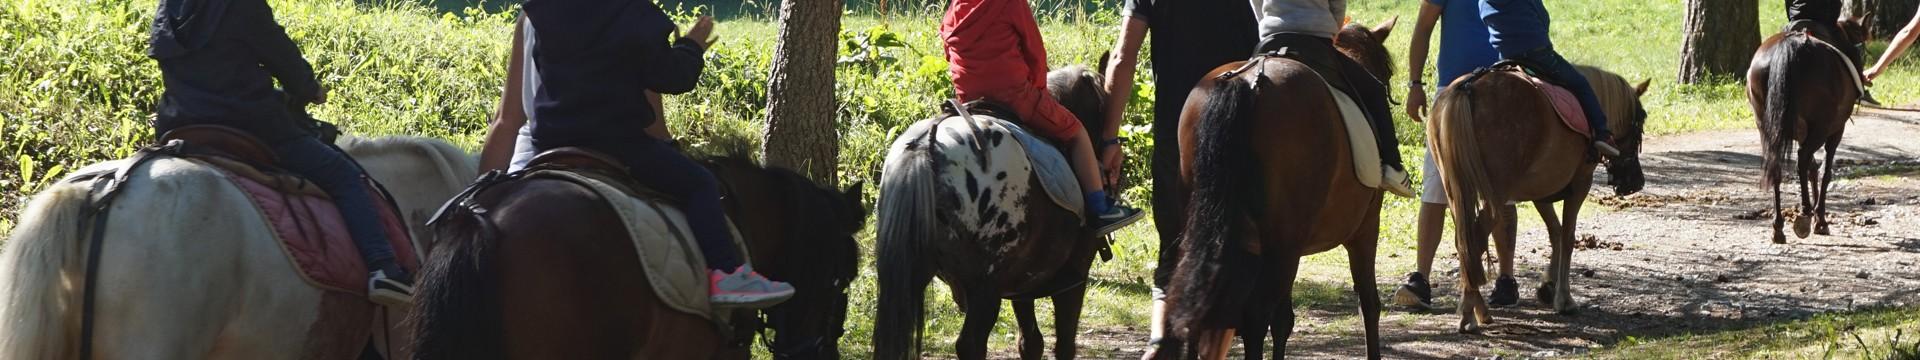 chevaux-ete-9184